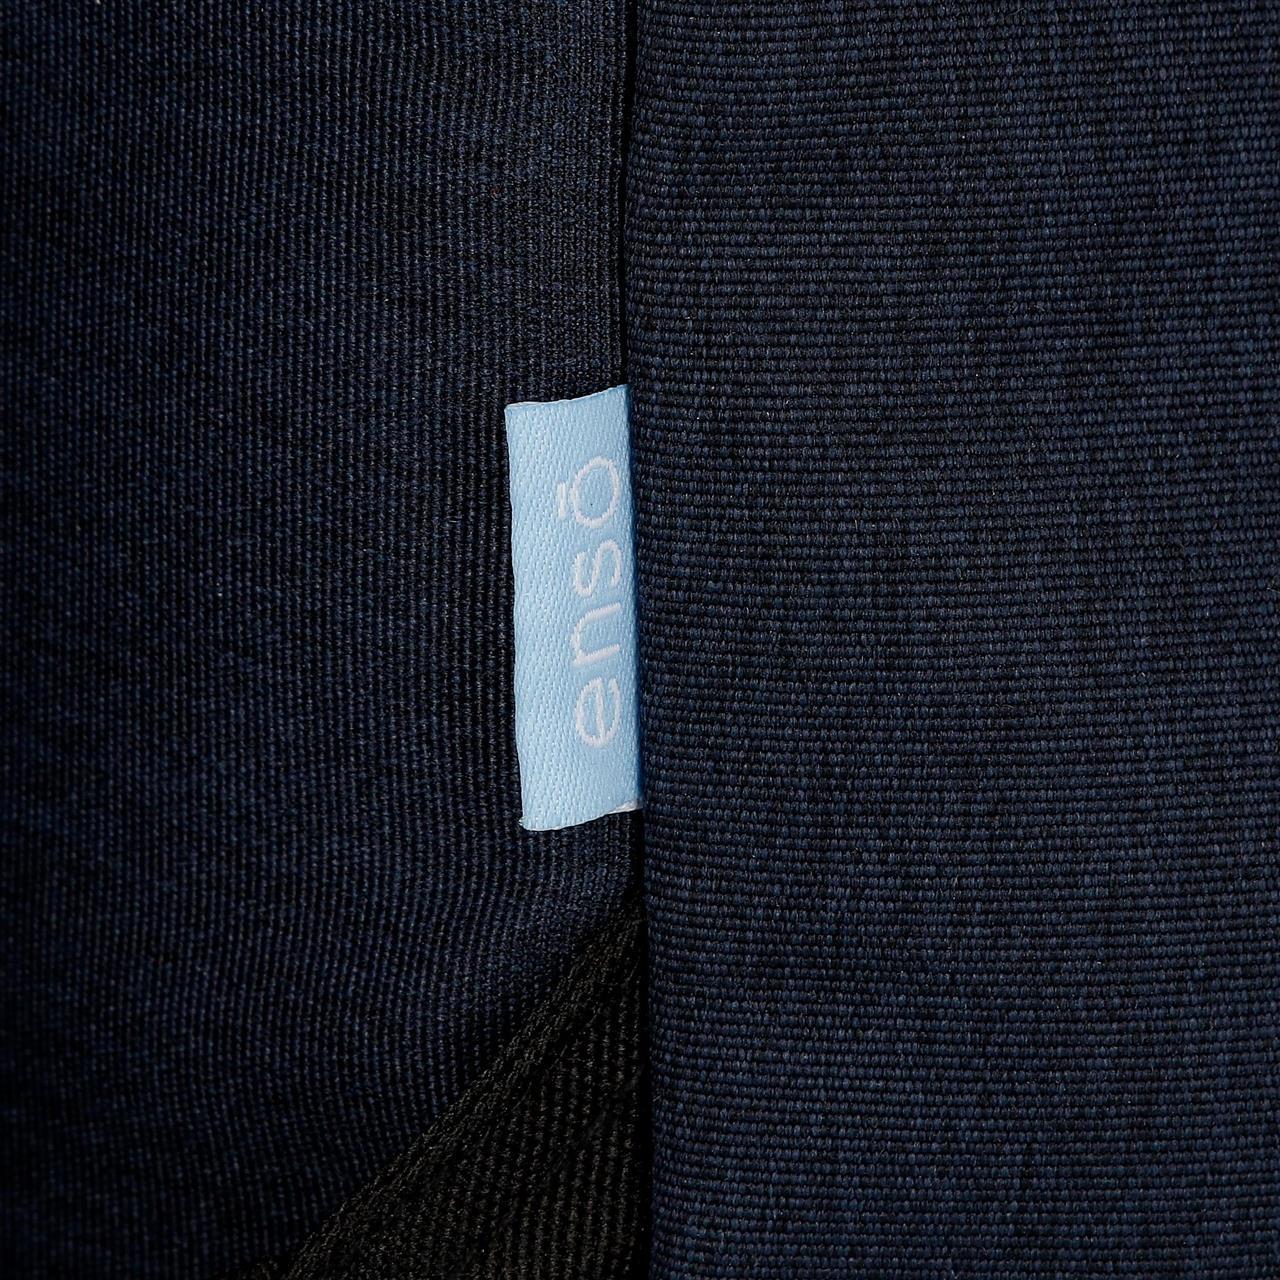 Mochila Doble Compartimento Enso Blue